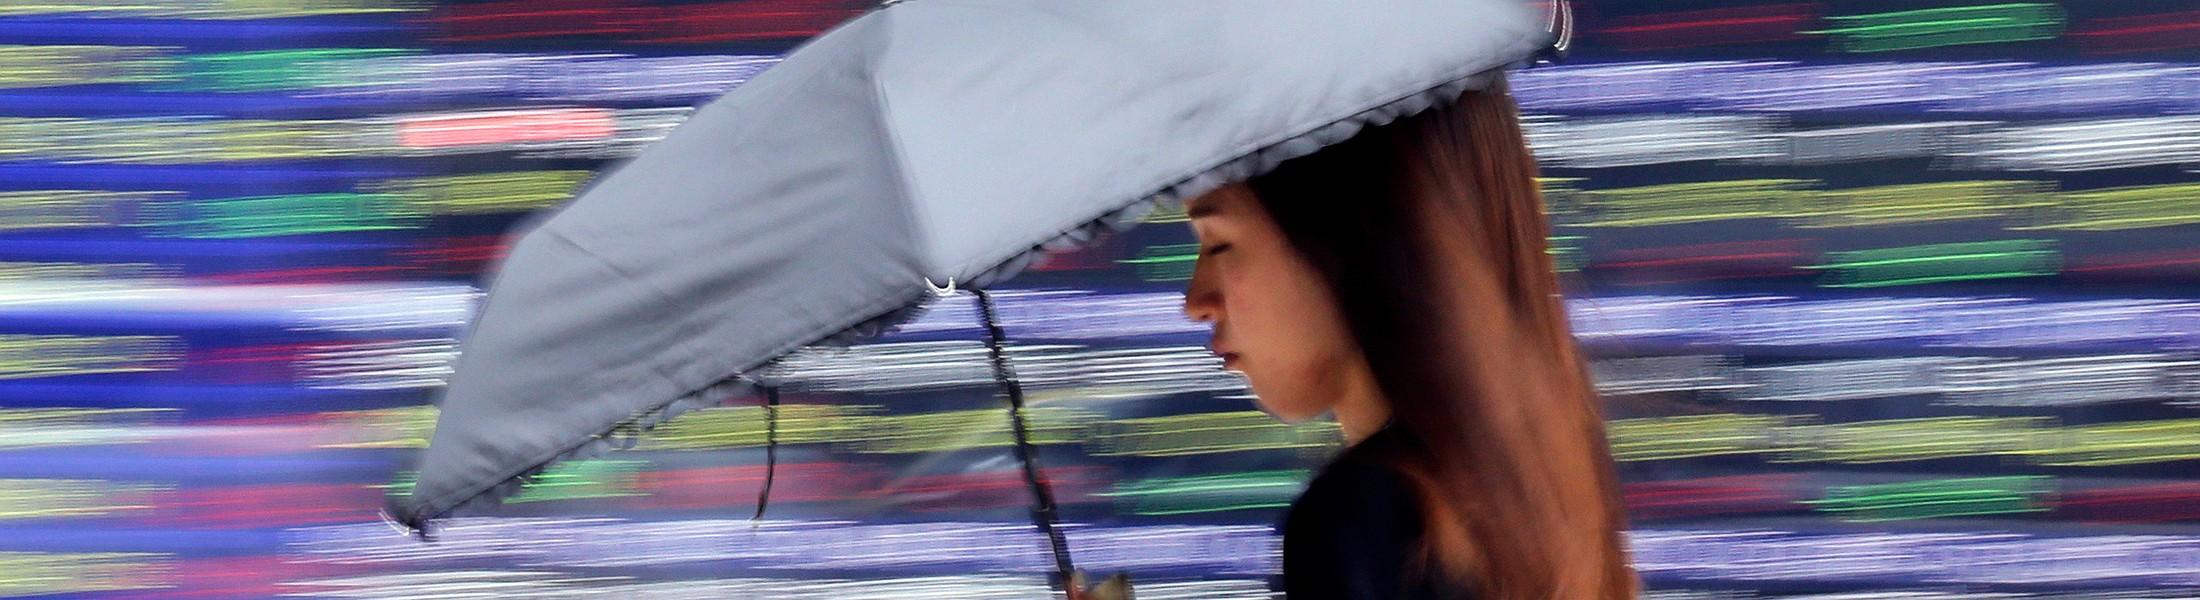 Черный понедельник: На фондовых рынках Китая произошел обвал